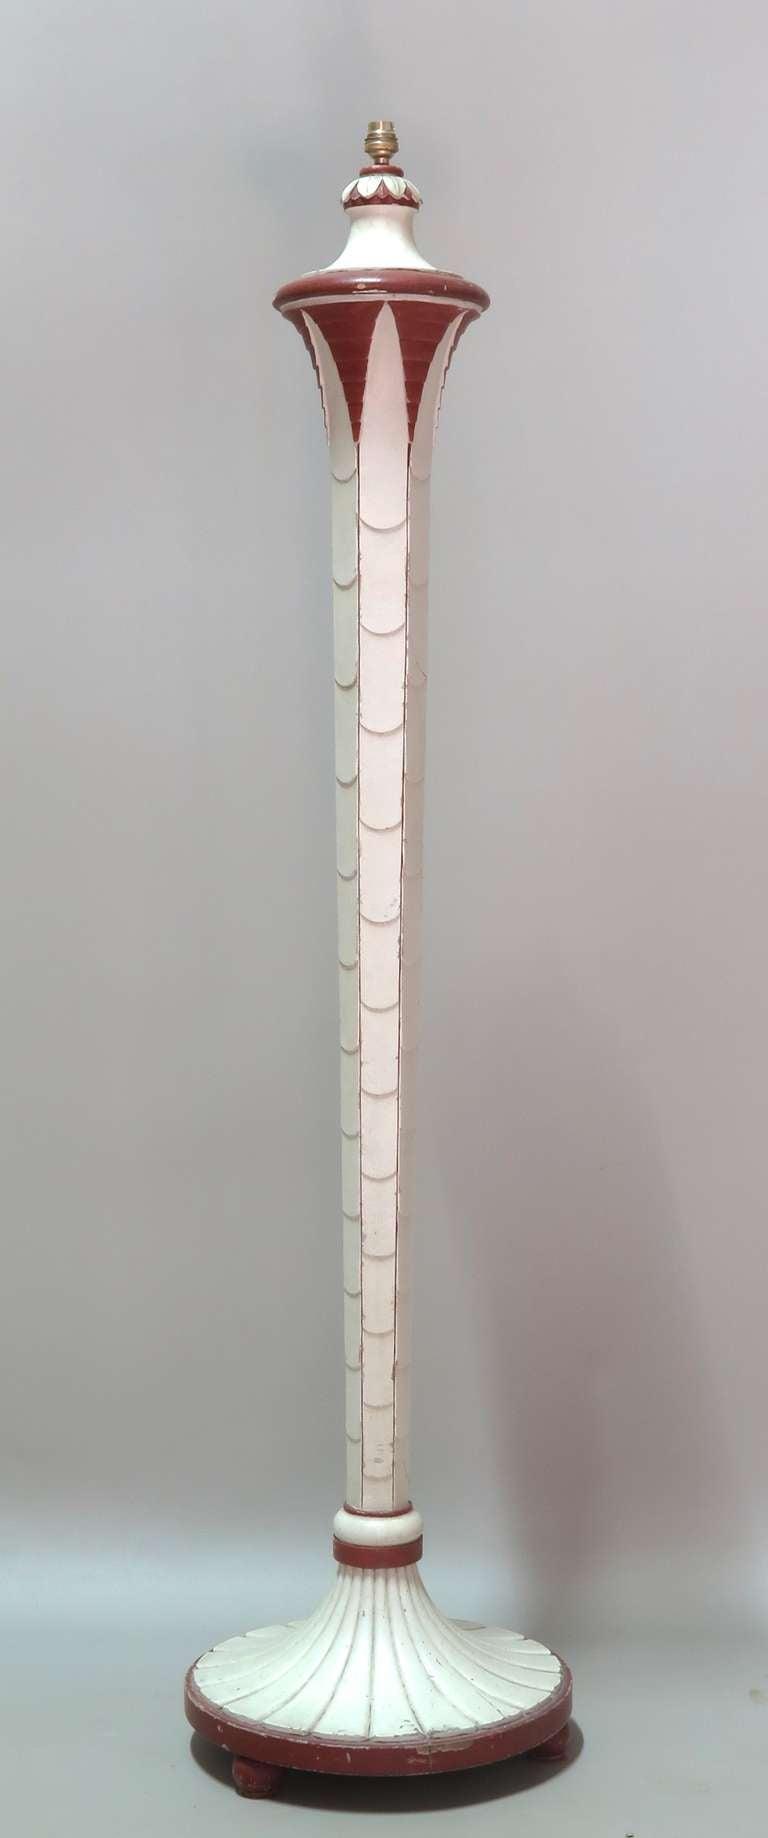 Elegant art deco floor lamp france 1930s at 1stdibs for 1930 floor lamps